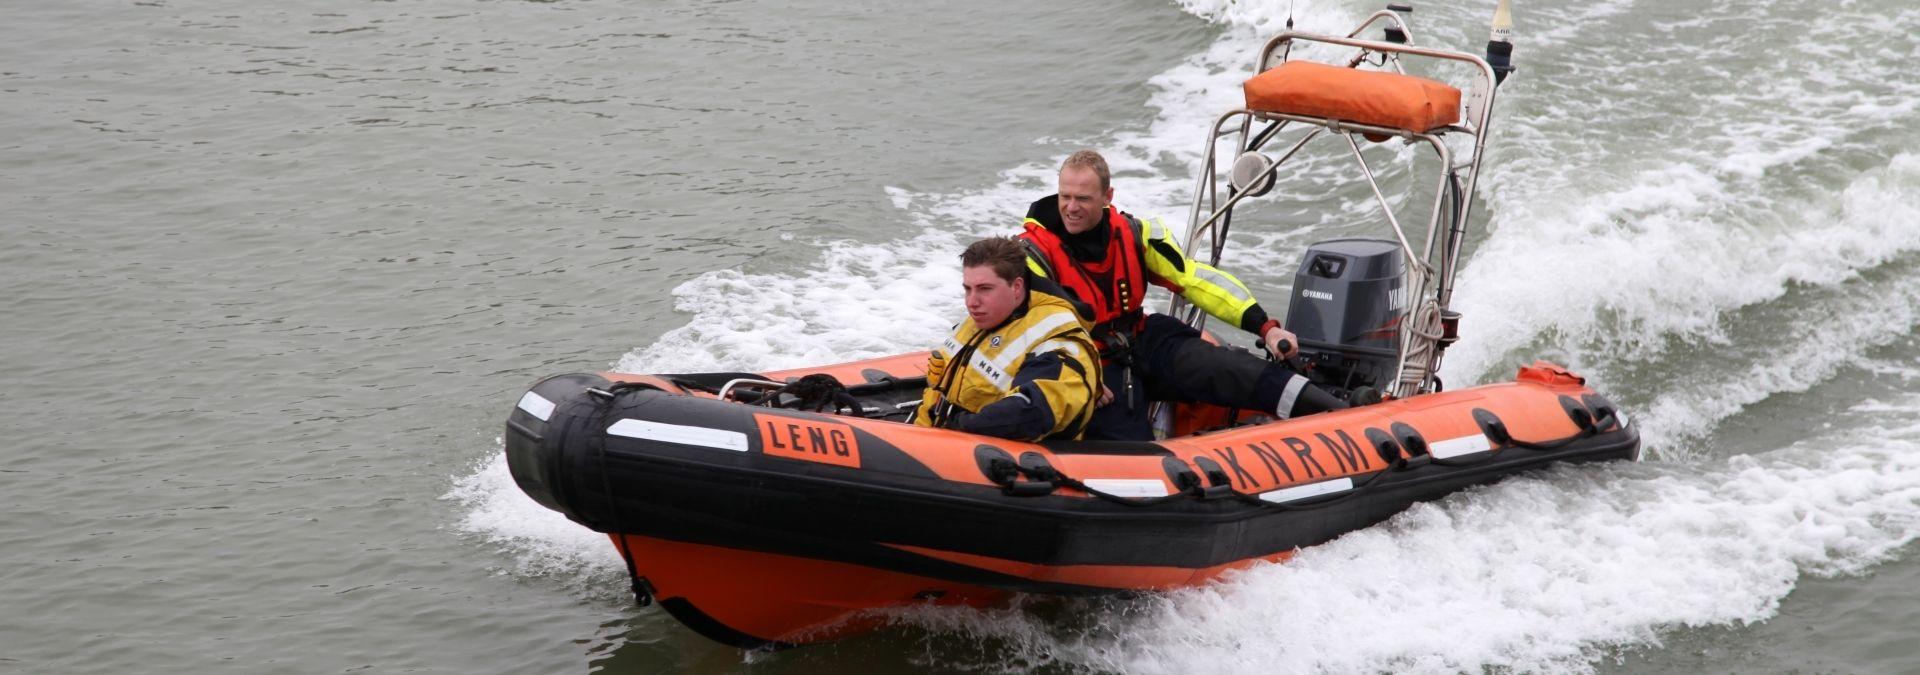 Reddingboot Leng - Foto Harry van Tiel